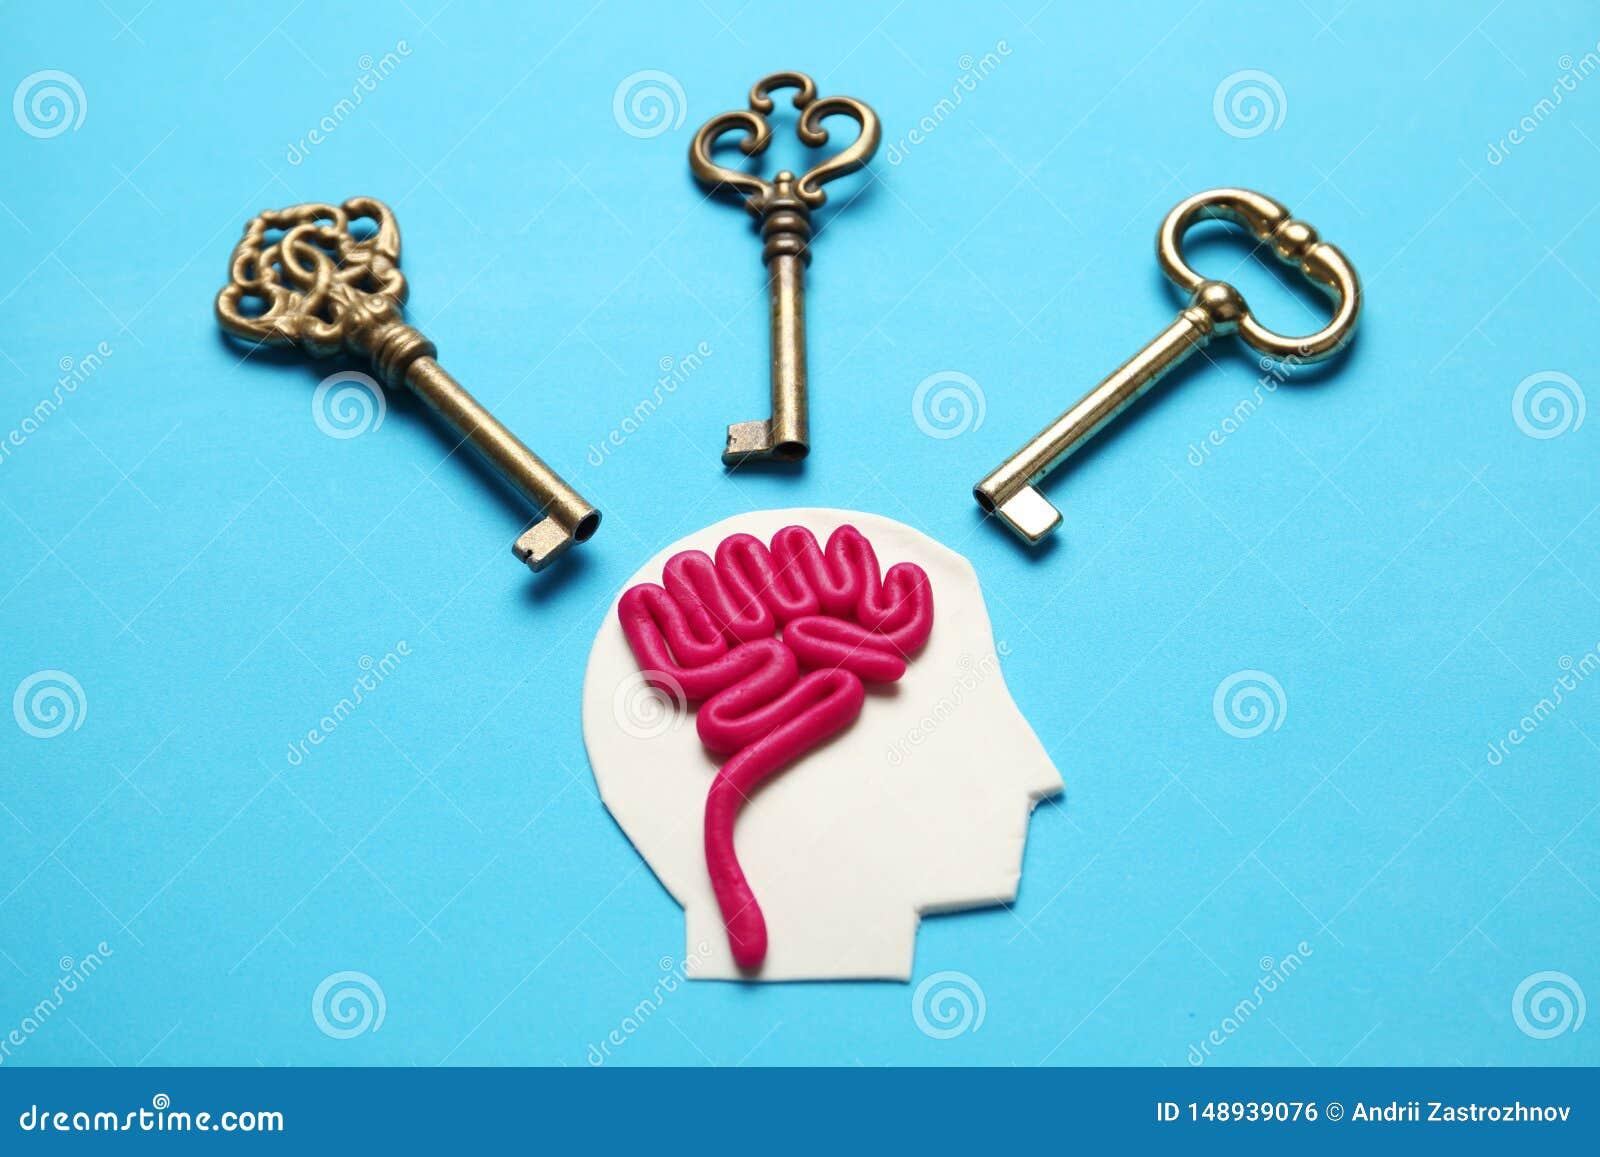 Αριθμός ατόμου και τριών κλειδιών Επιχειρησιακές προβλήματα και λύση